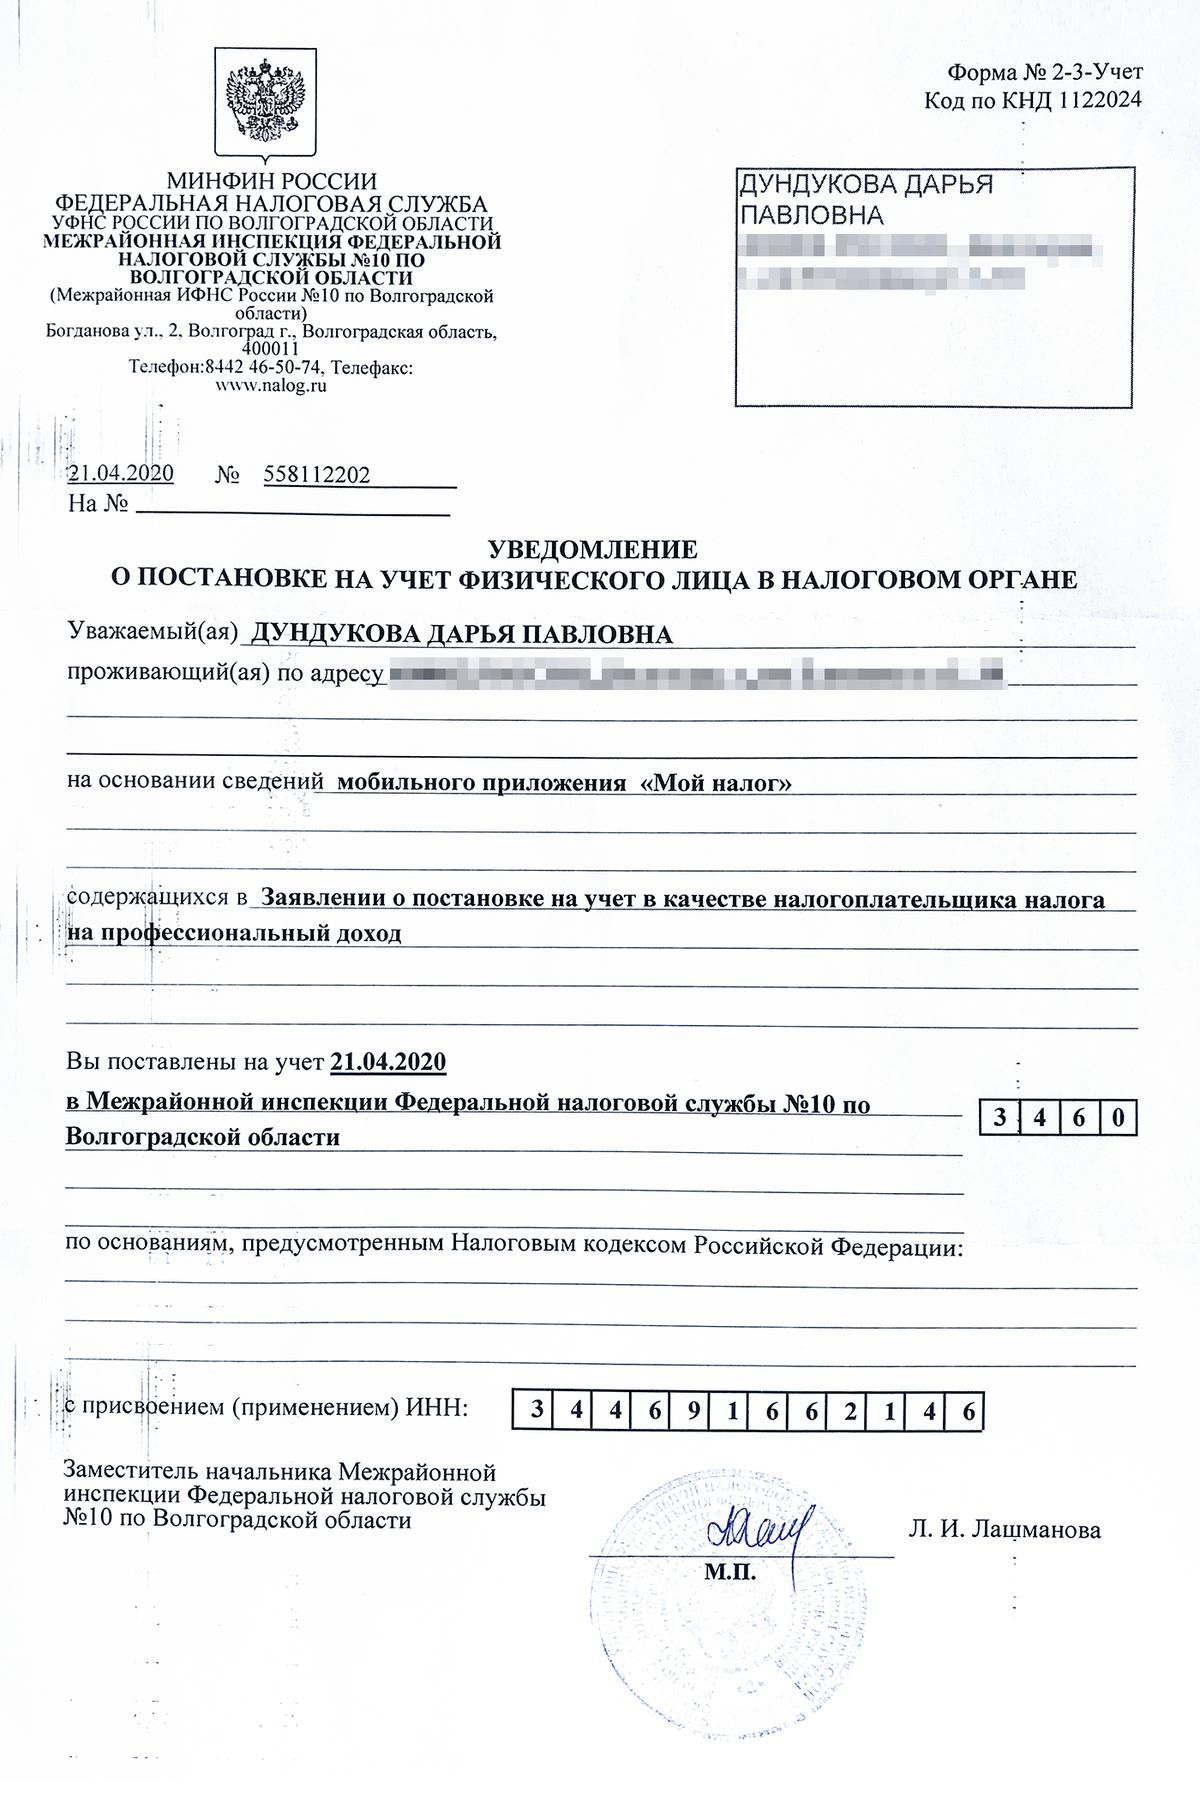 Если прирегистрации самозанятости не возникнет проблем, налоговая почтой отправит вам уведомление о постановке на учет по форме КНД1122024 с синей печатью